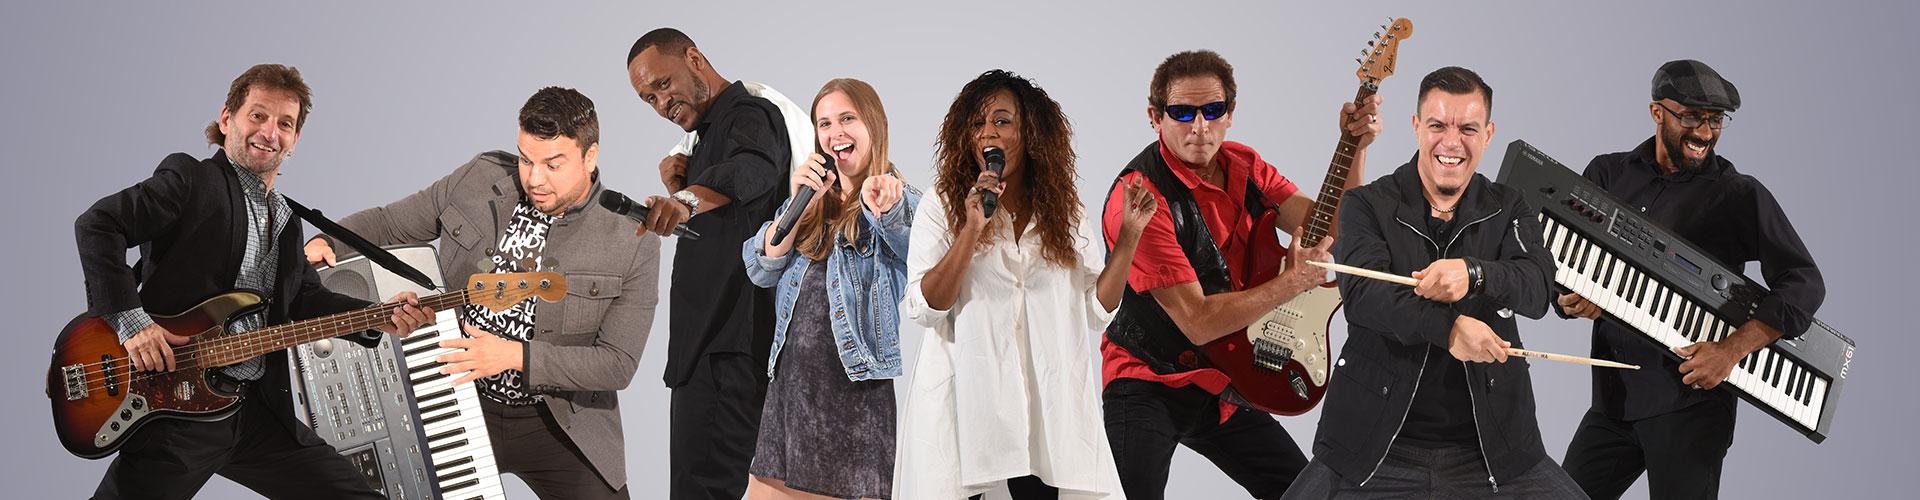 Cover Band Miami